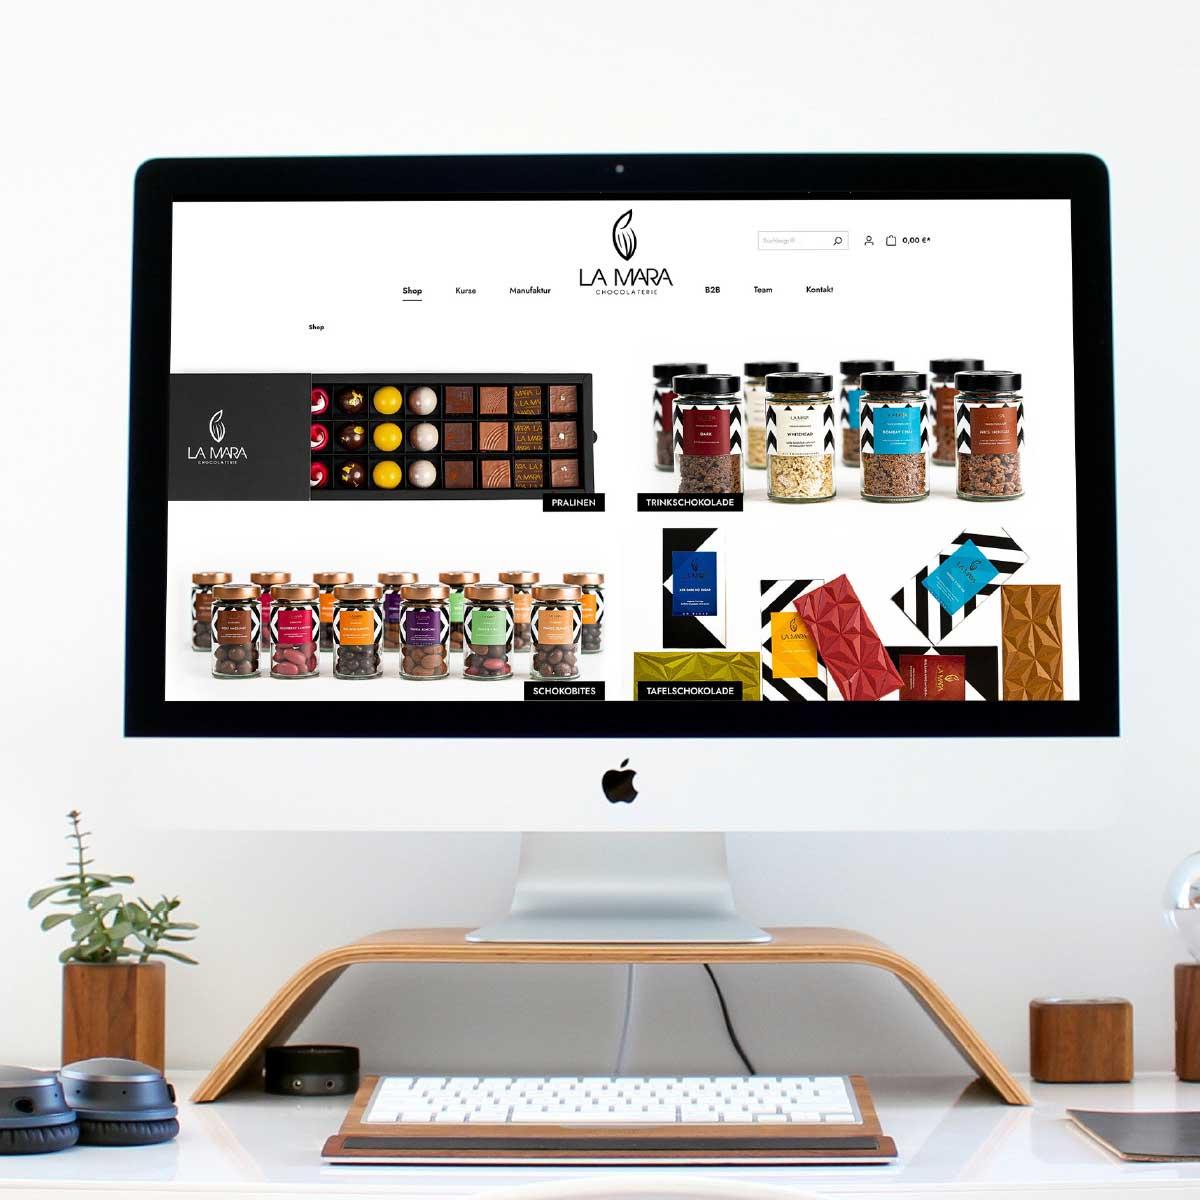 mr. pixel KG | LaMara_Produktkategorien